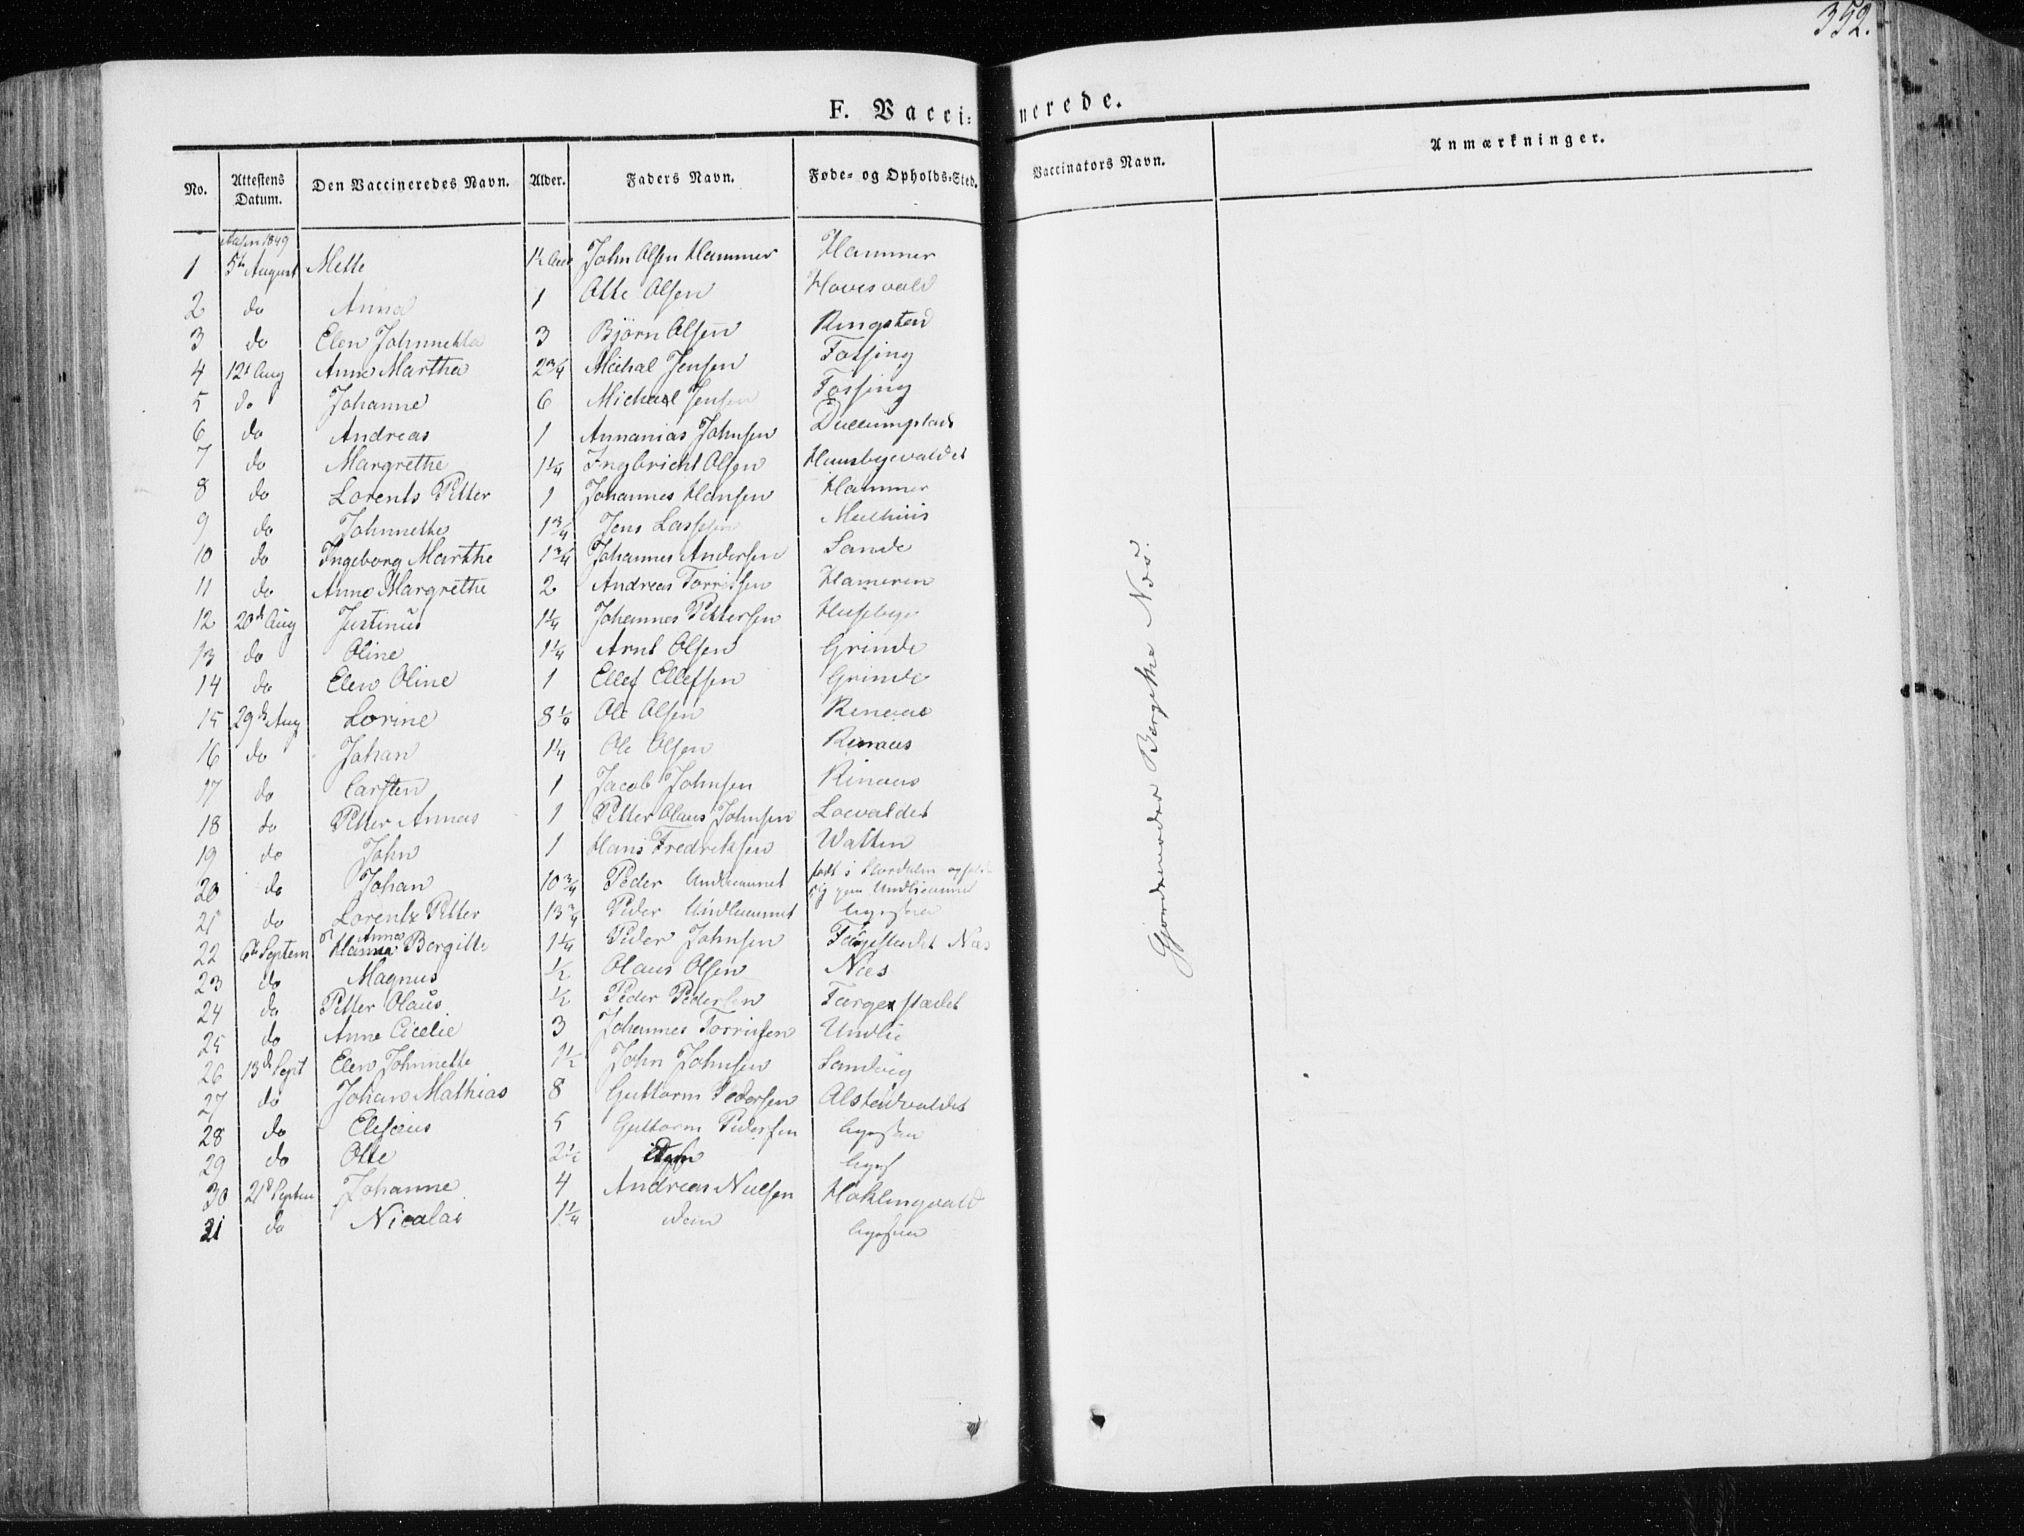 SAT, Ministerialprotokoller, klokkerbøker og fødselsregistre - Nord-Trøndelag, 713/L0115: Ministerialbok nr. 713A06, 1838-1851, s. 352